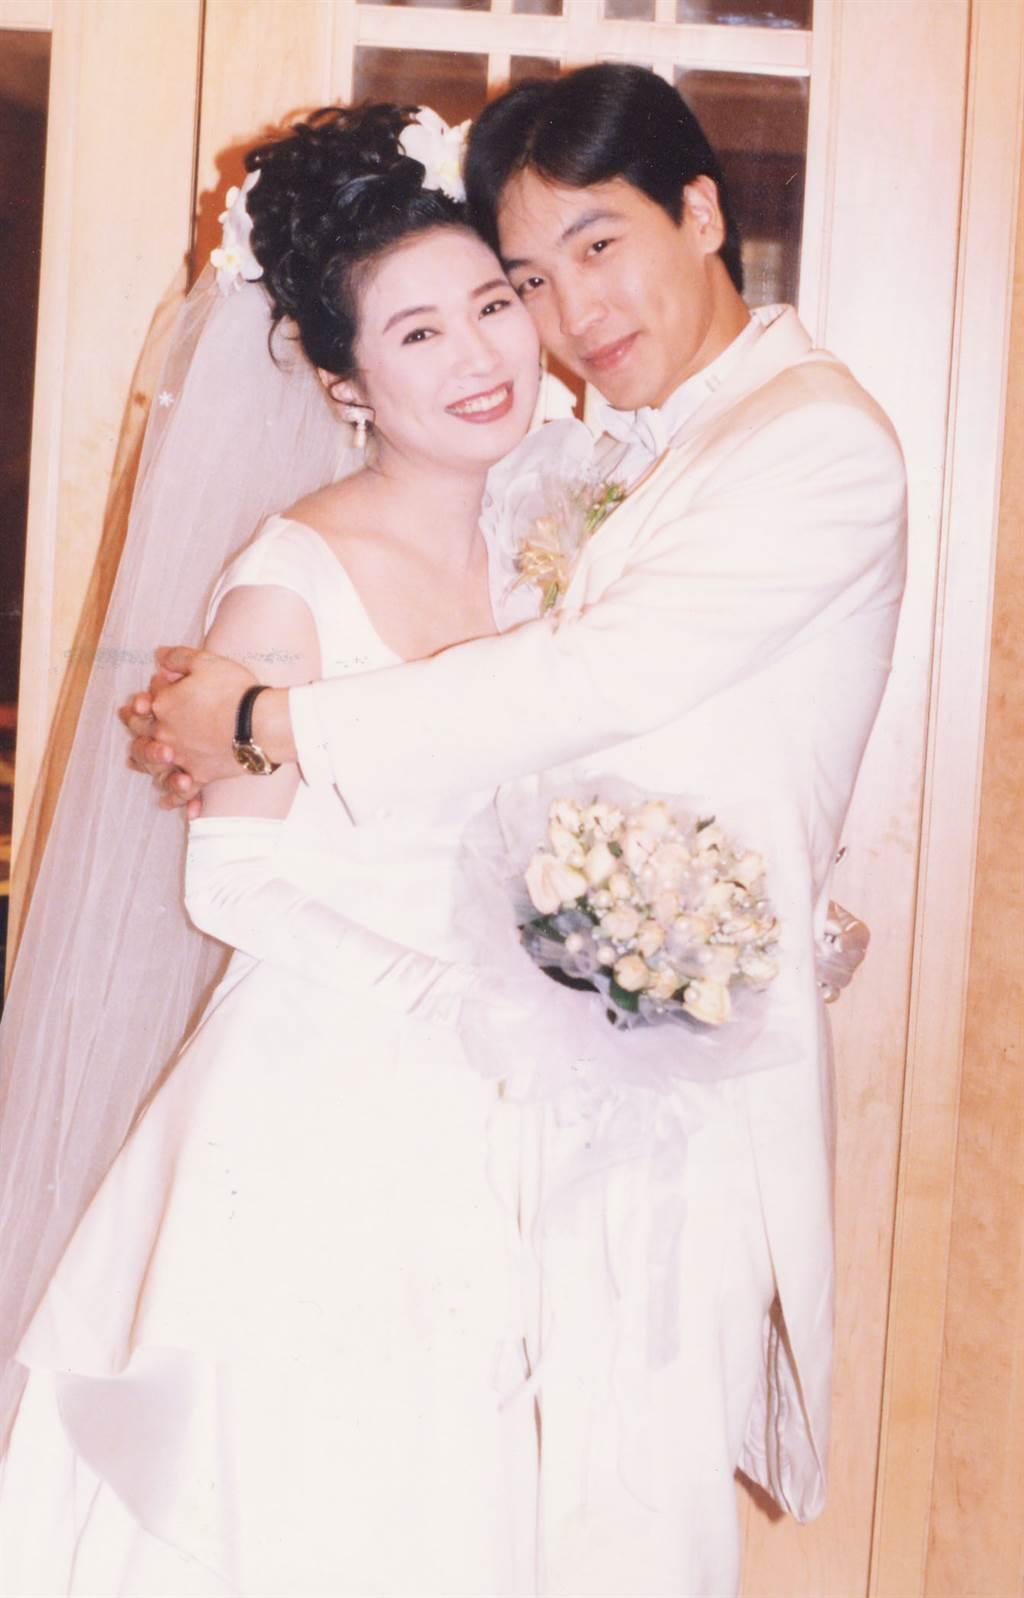 于冠華曾在迎娶方文琳時感動落淚,最終仍外遇離婚。(圖/中時資料照)